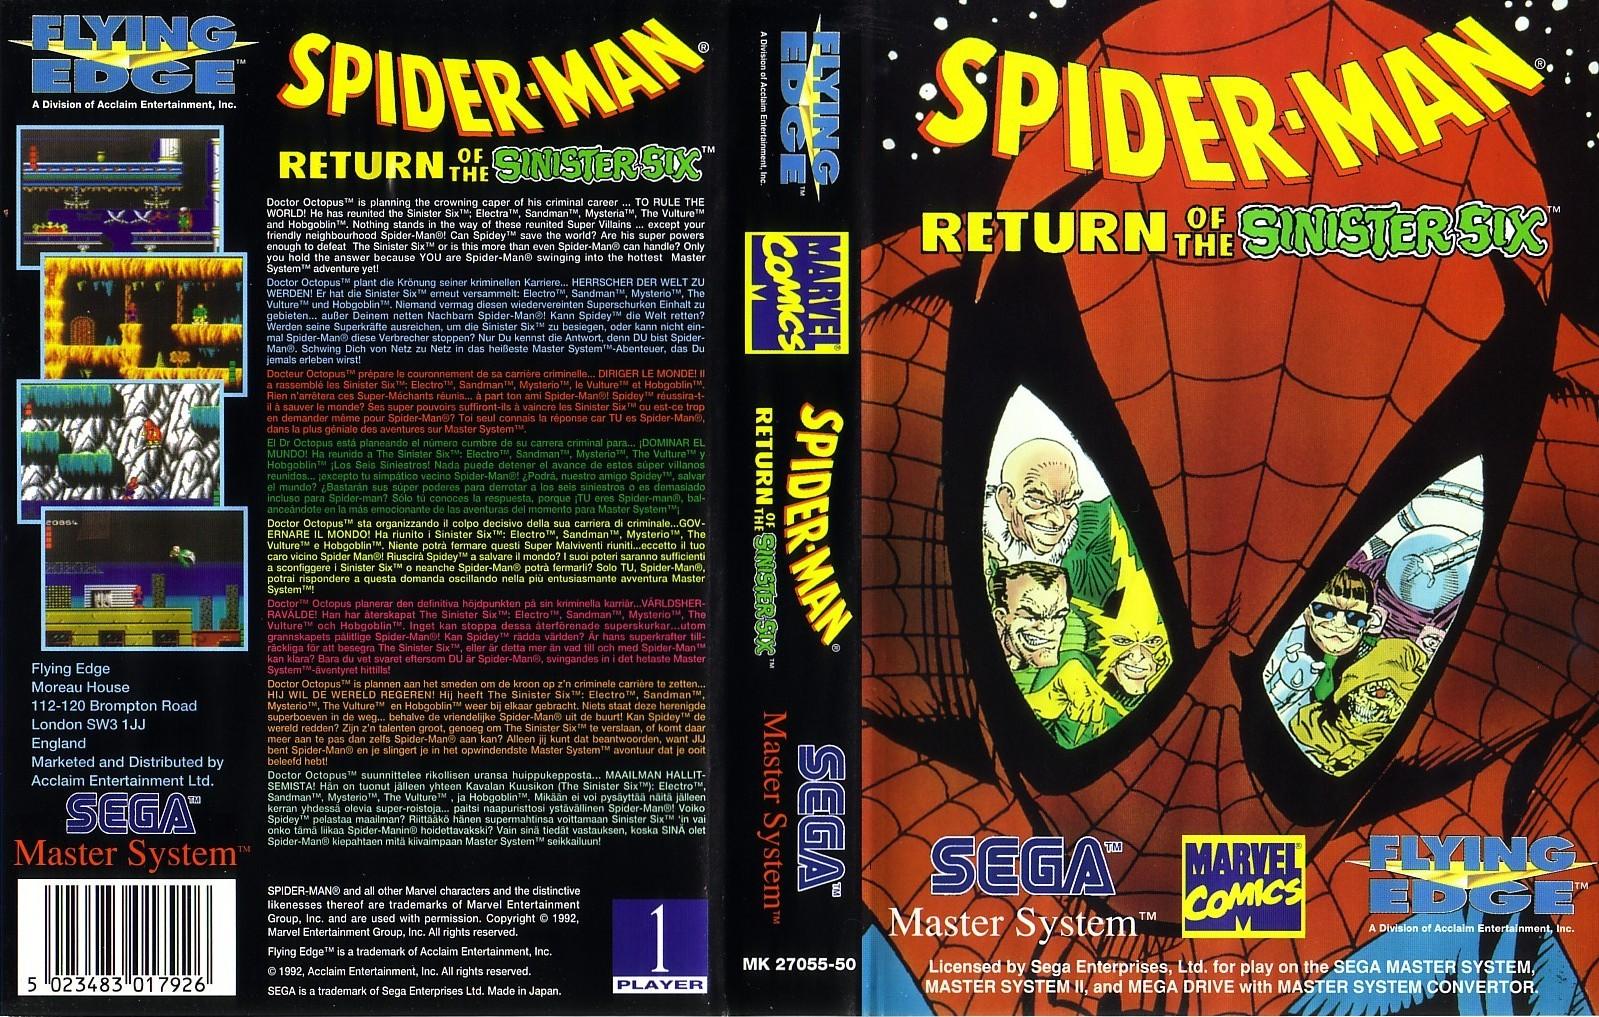 http://www.smspower.org/uploads/Scans/SpiderManReturnOfTheSinisterSix-SMS-EU.jpg